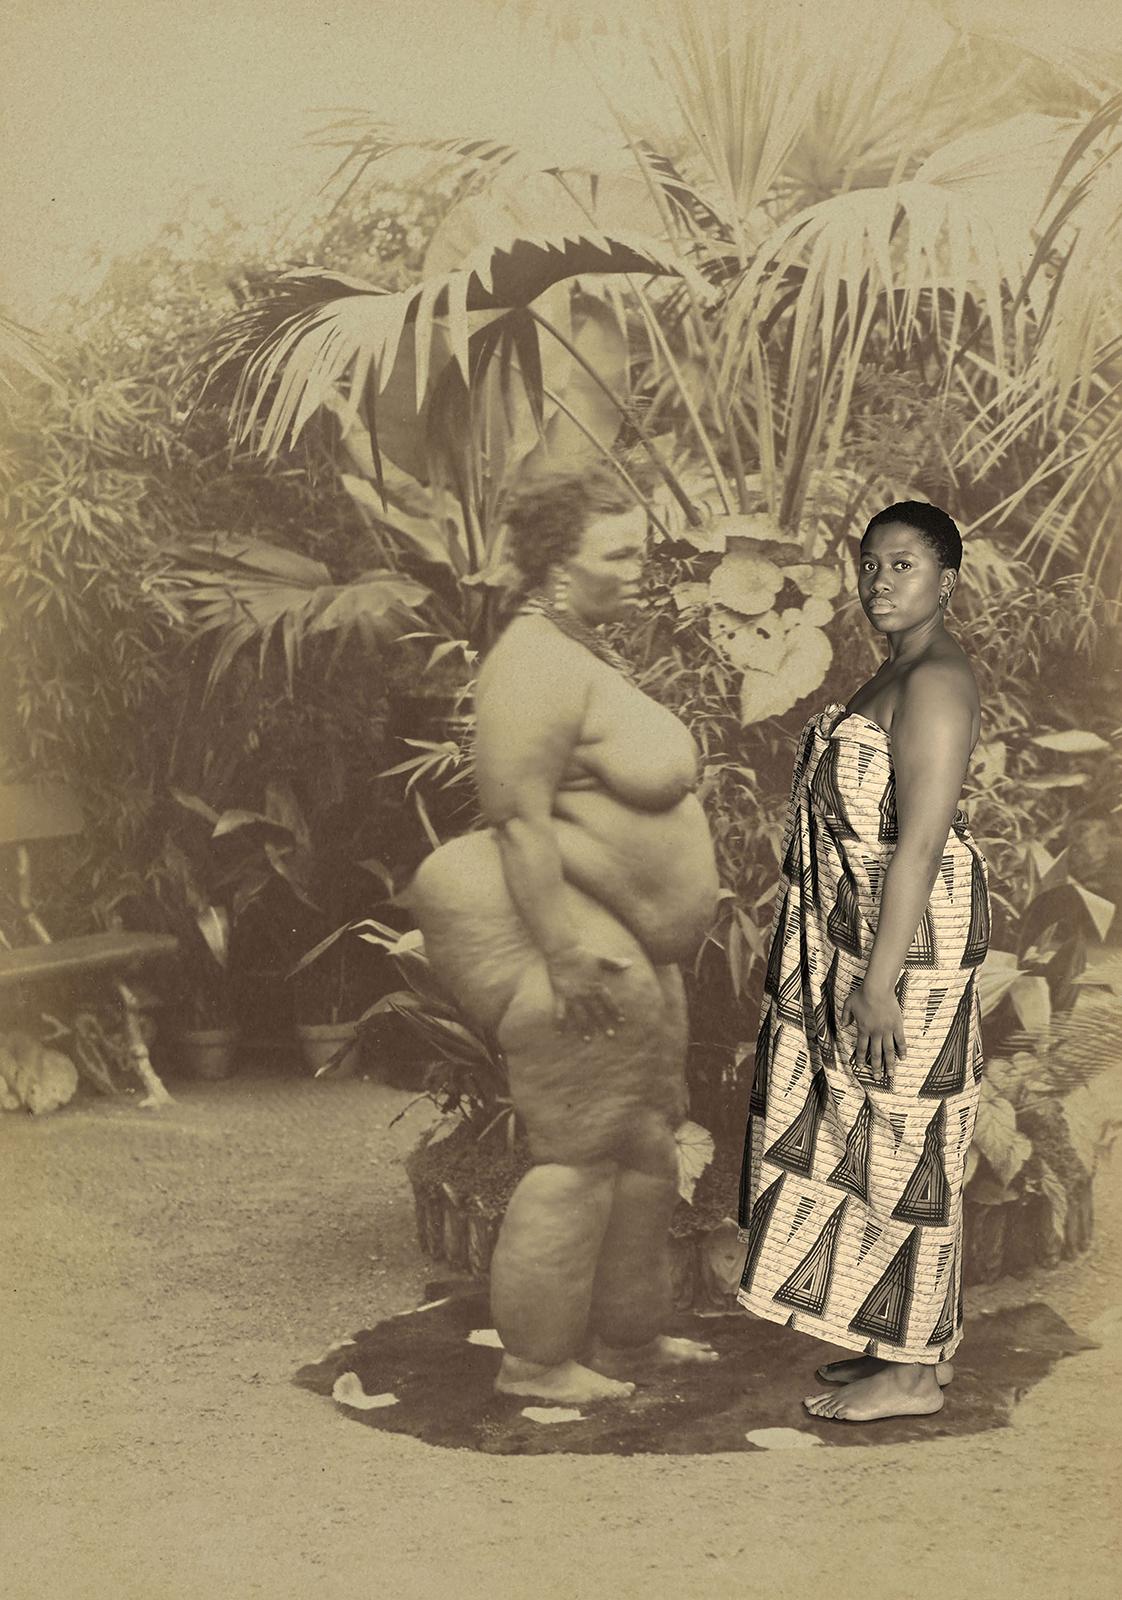 Tayo Adekunle - Reclamation of the Exposition